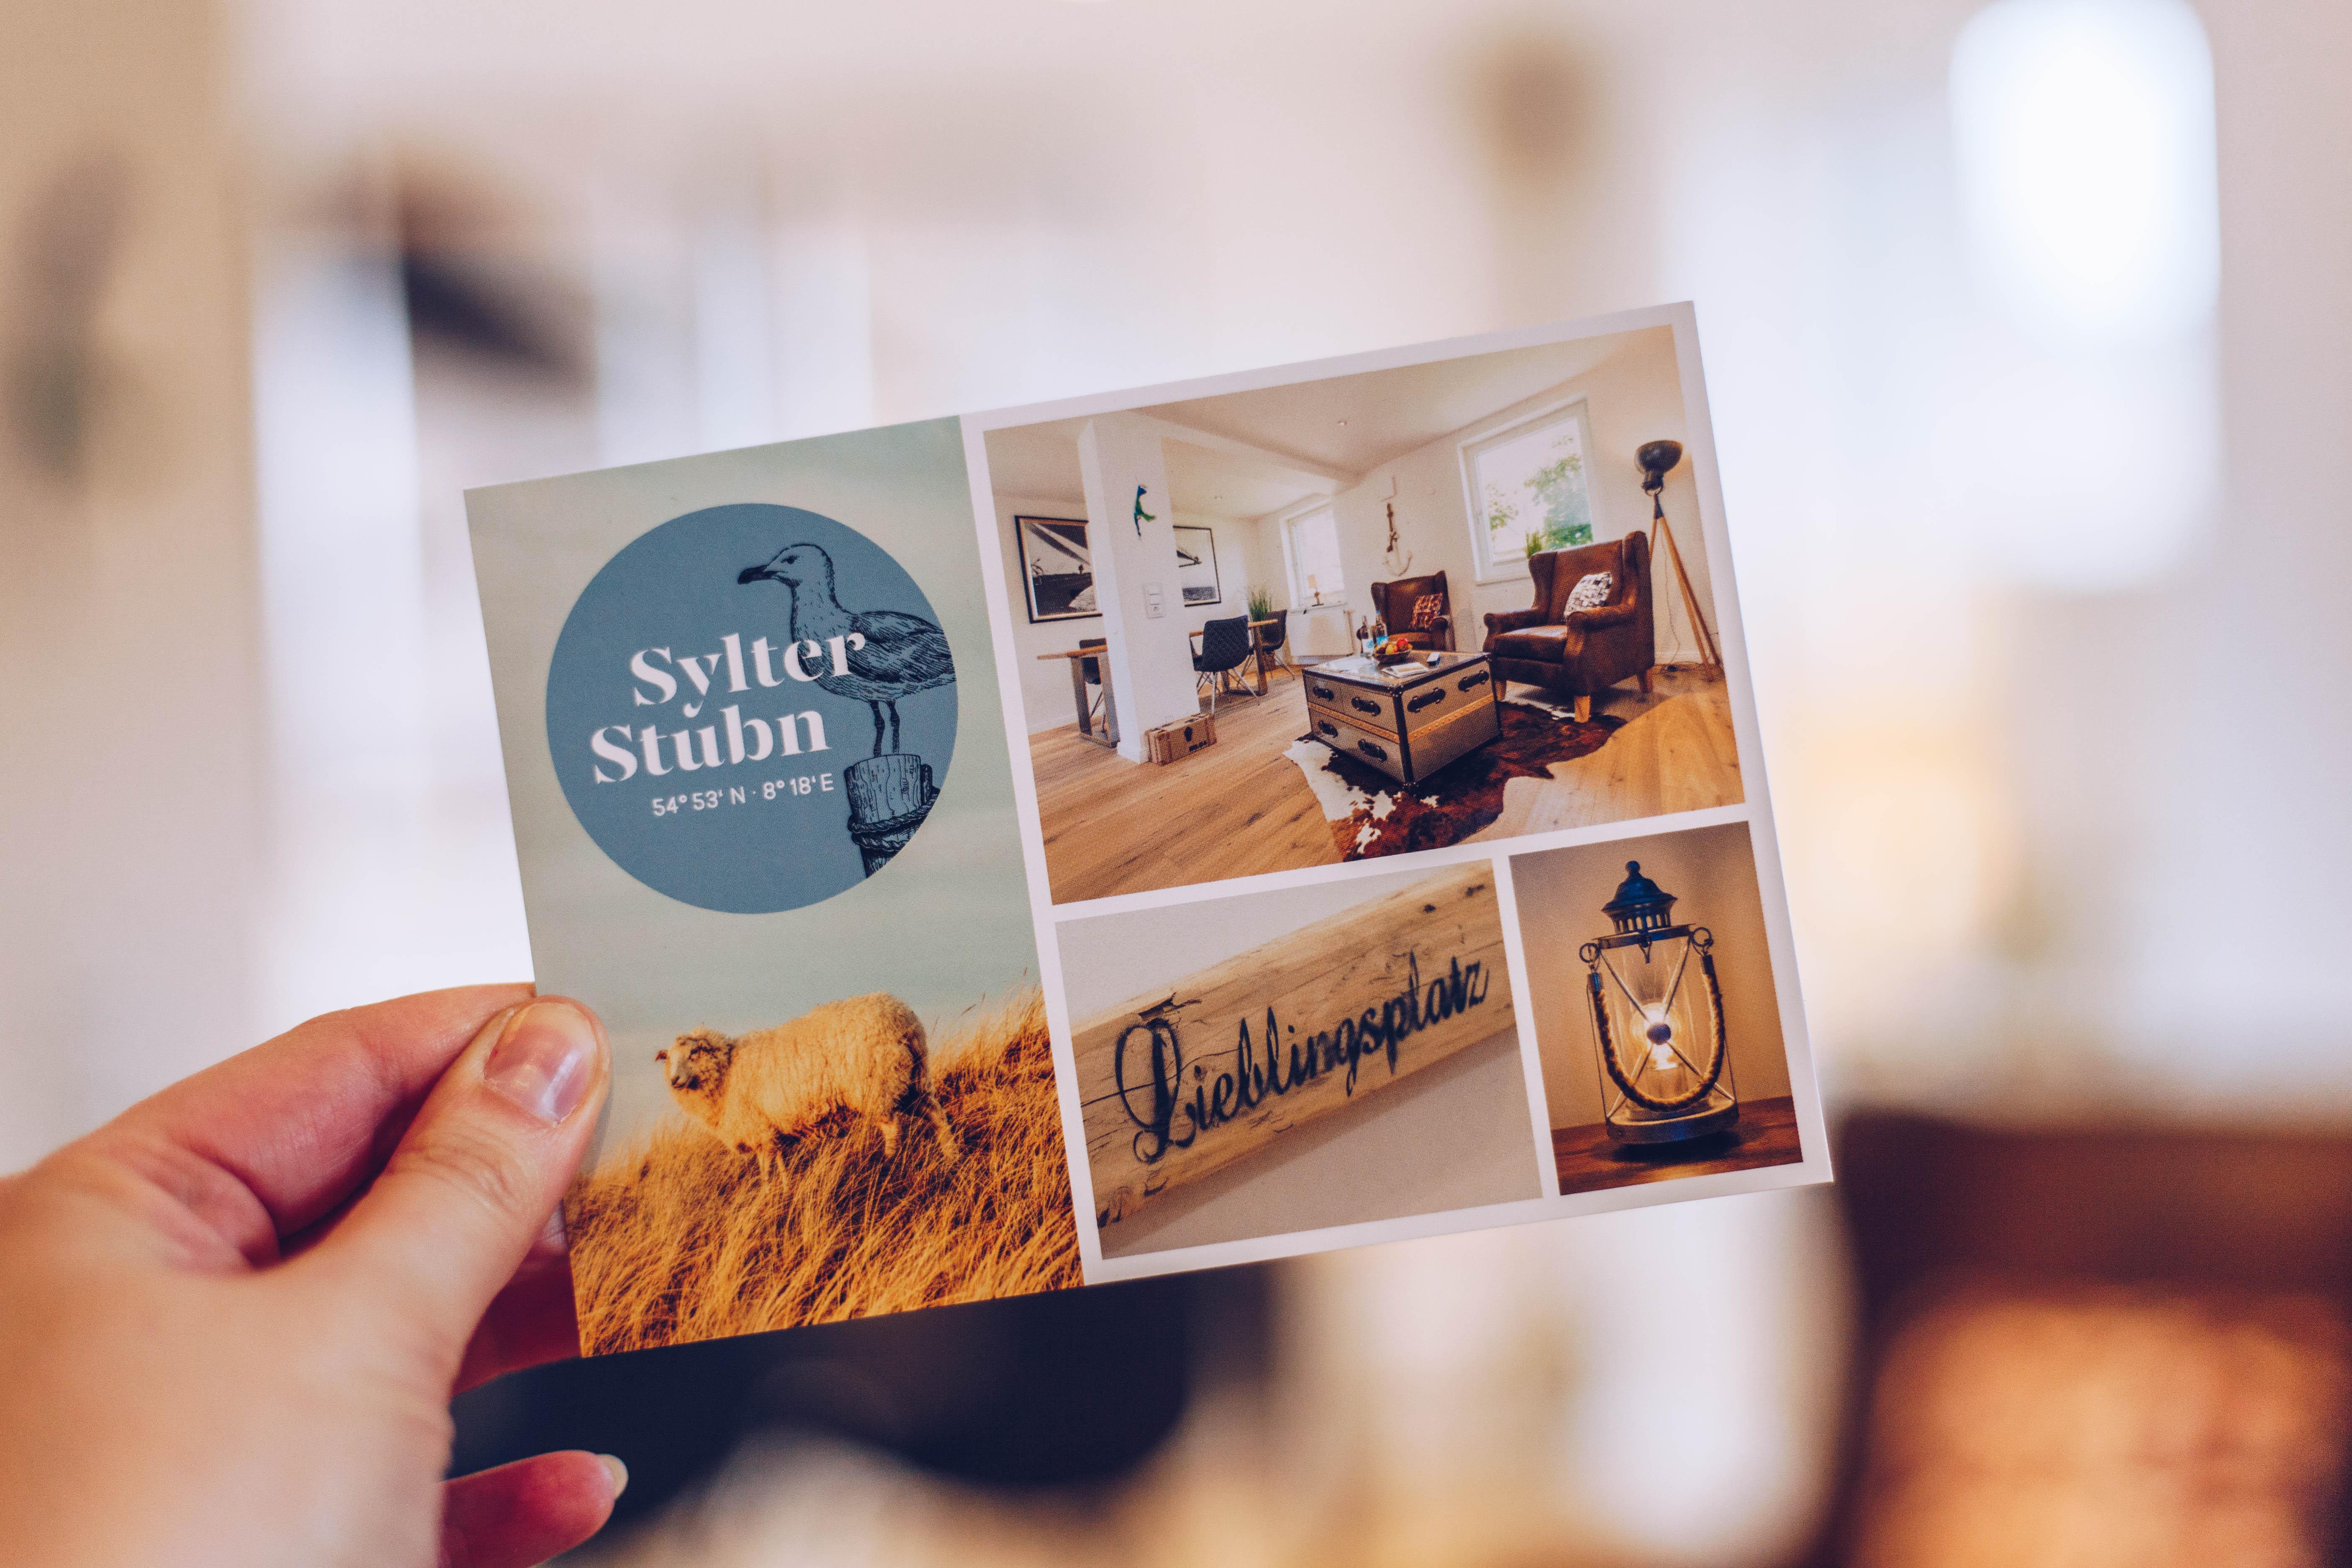 Ferienwohnung Sylter Stubn: Wohnen mit Liebe zum Detail